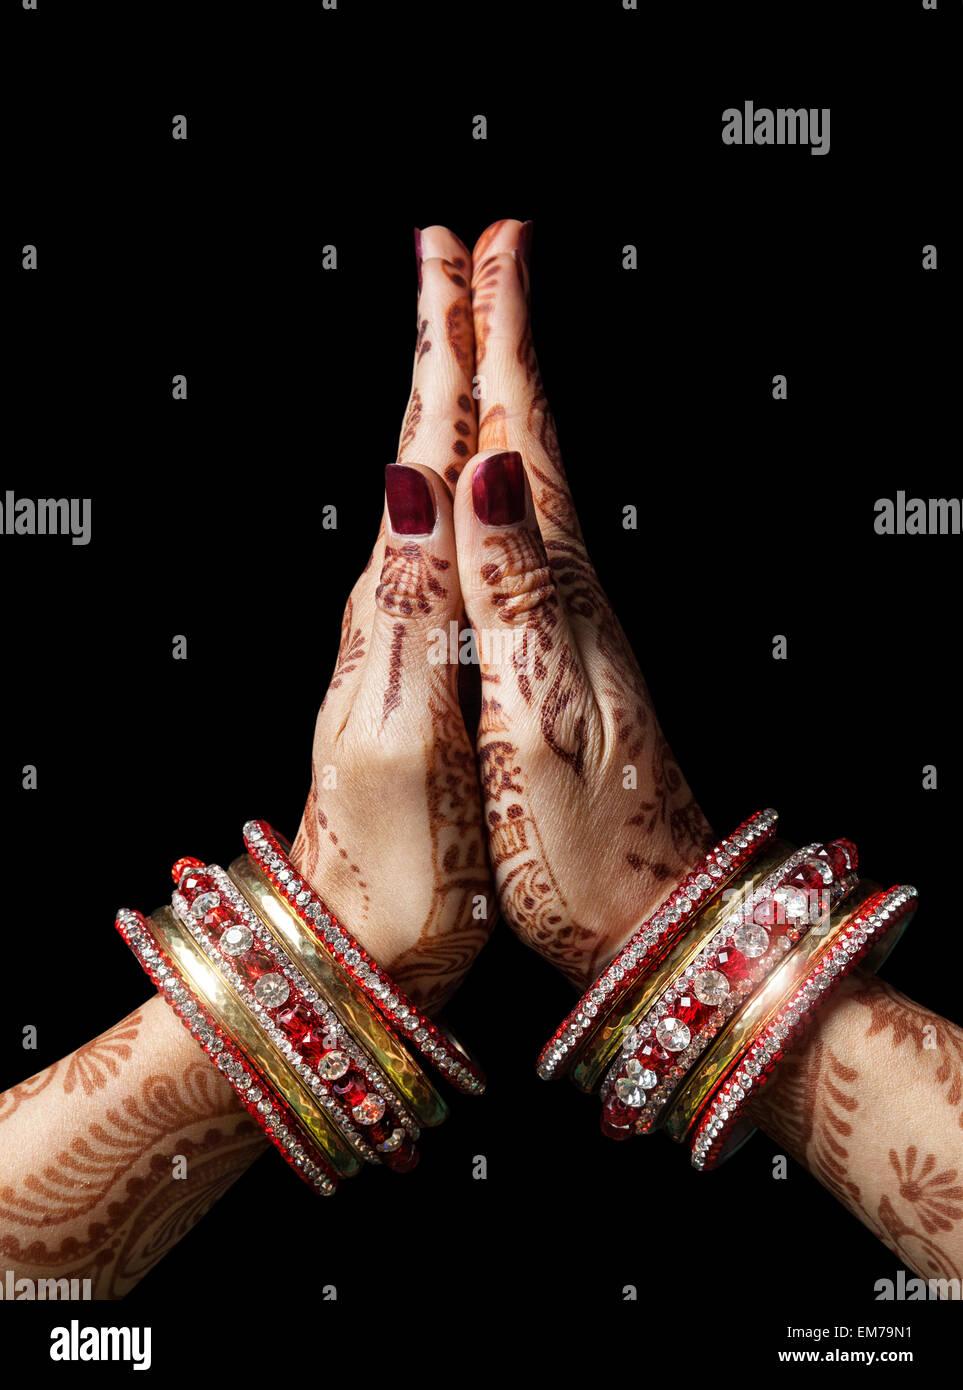 Mujer de manos con henna en Namaste mudra sobre fondo negro Imagen De Stock